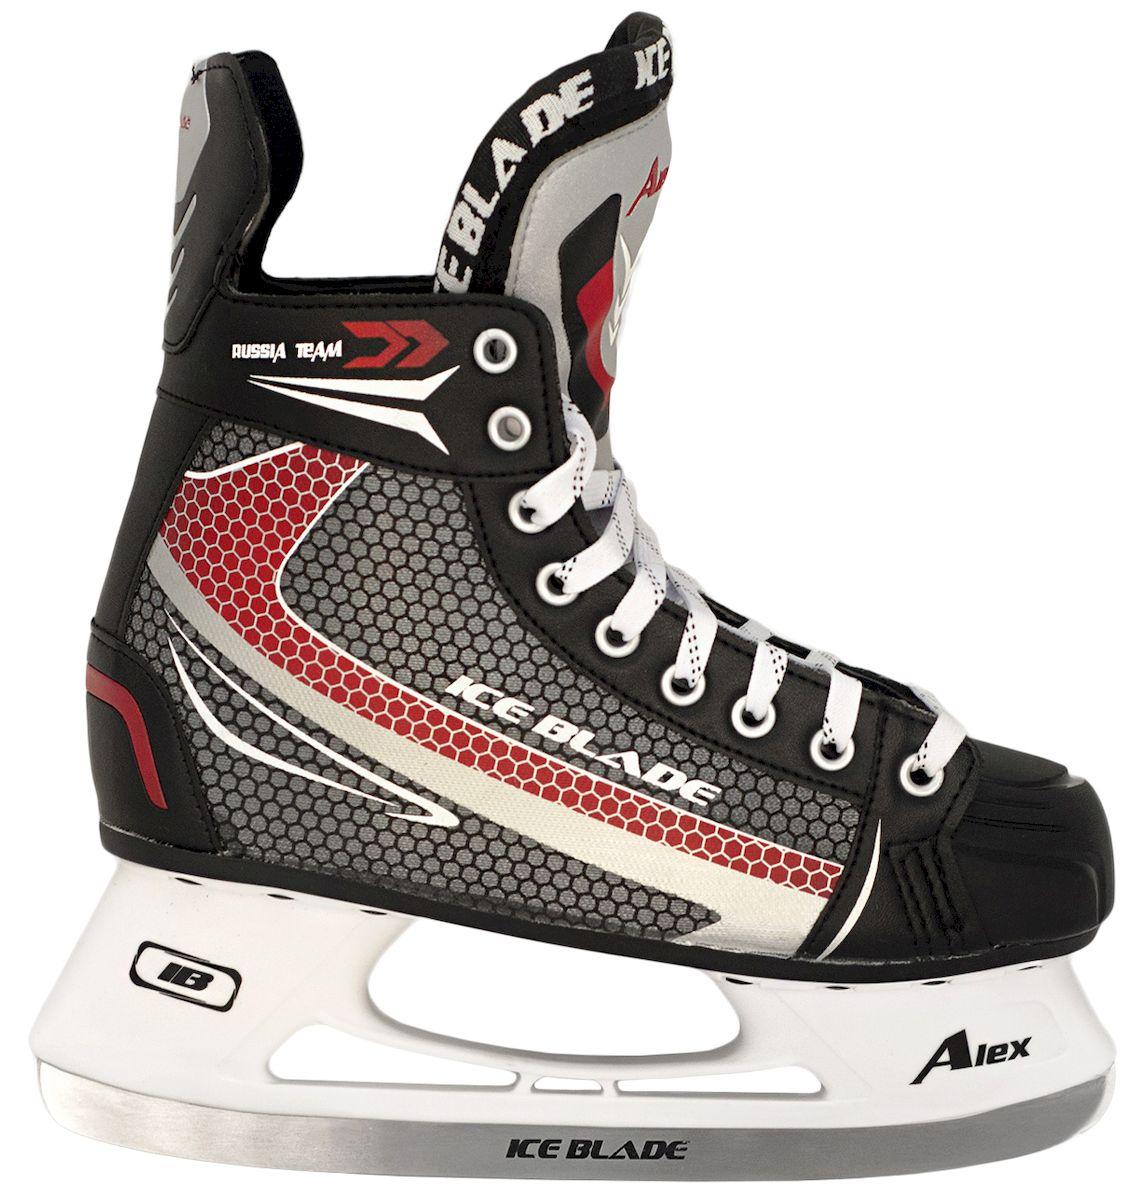 Коньки хоккейные Ice Blade Alex New, цвет: черный, красный, серый. УТ-00006868. Размер 36